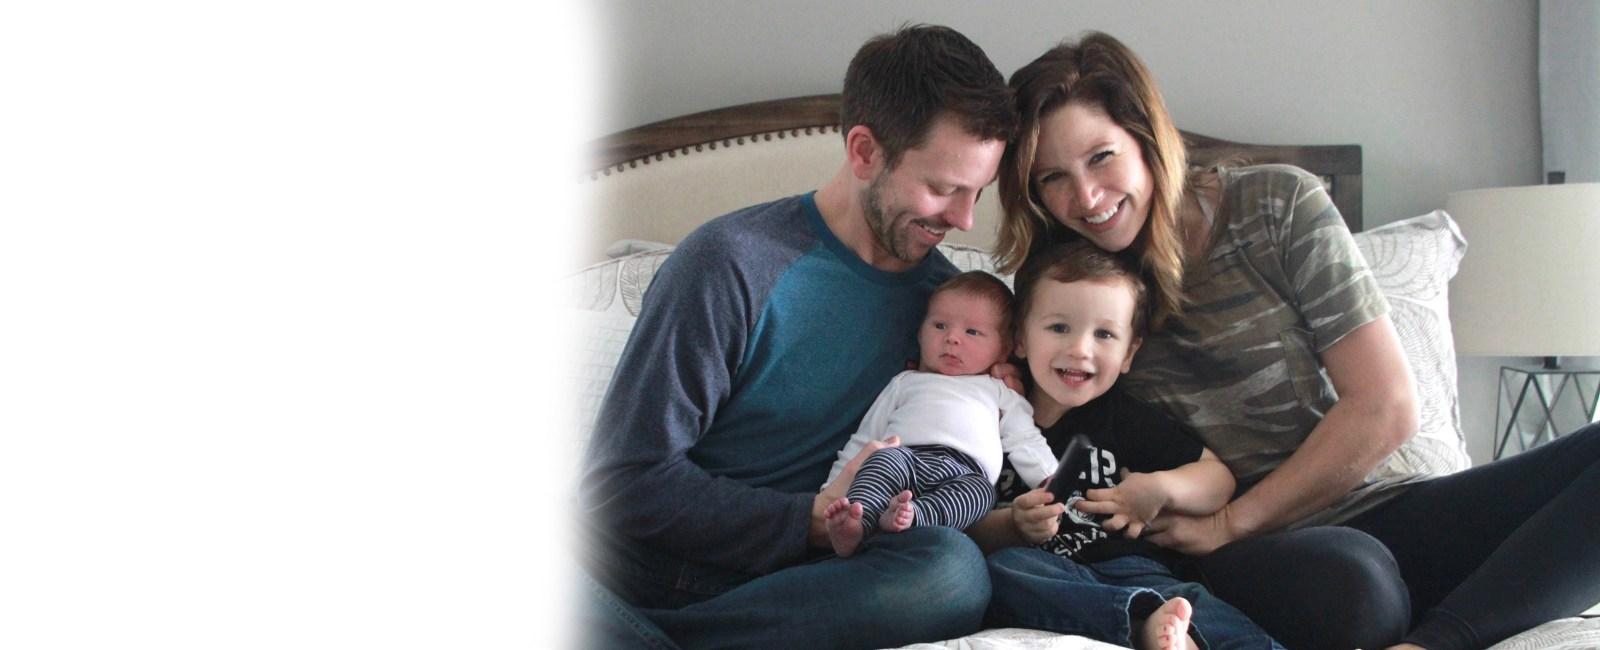 Smiling family banner